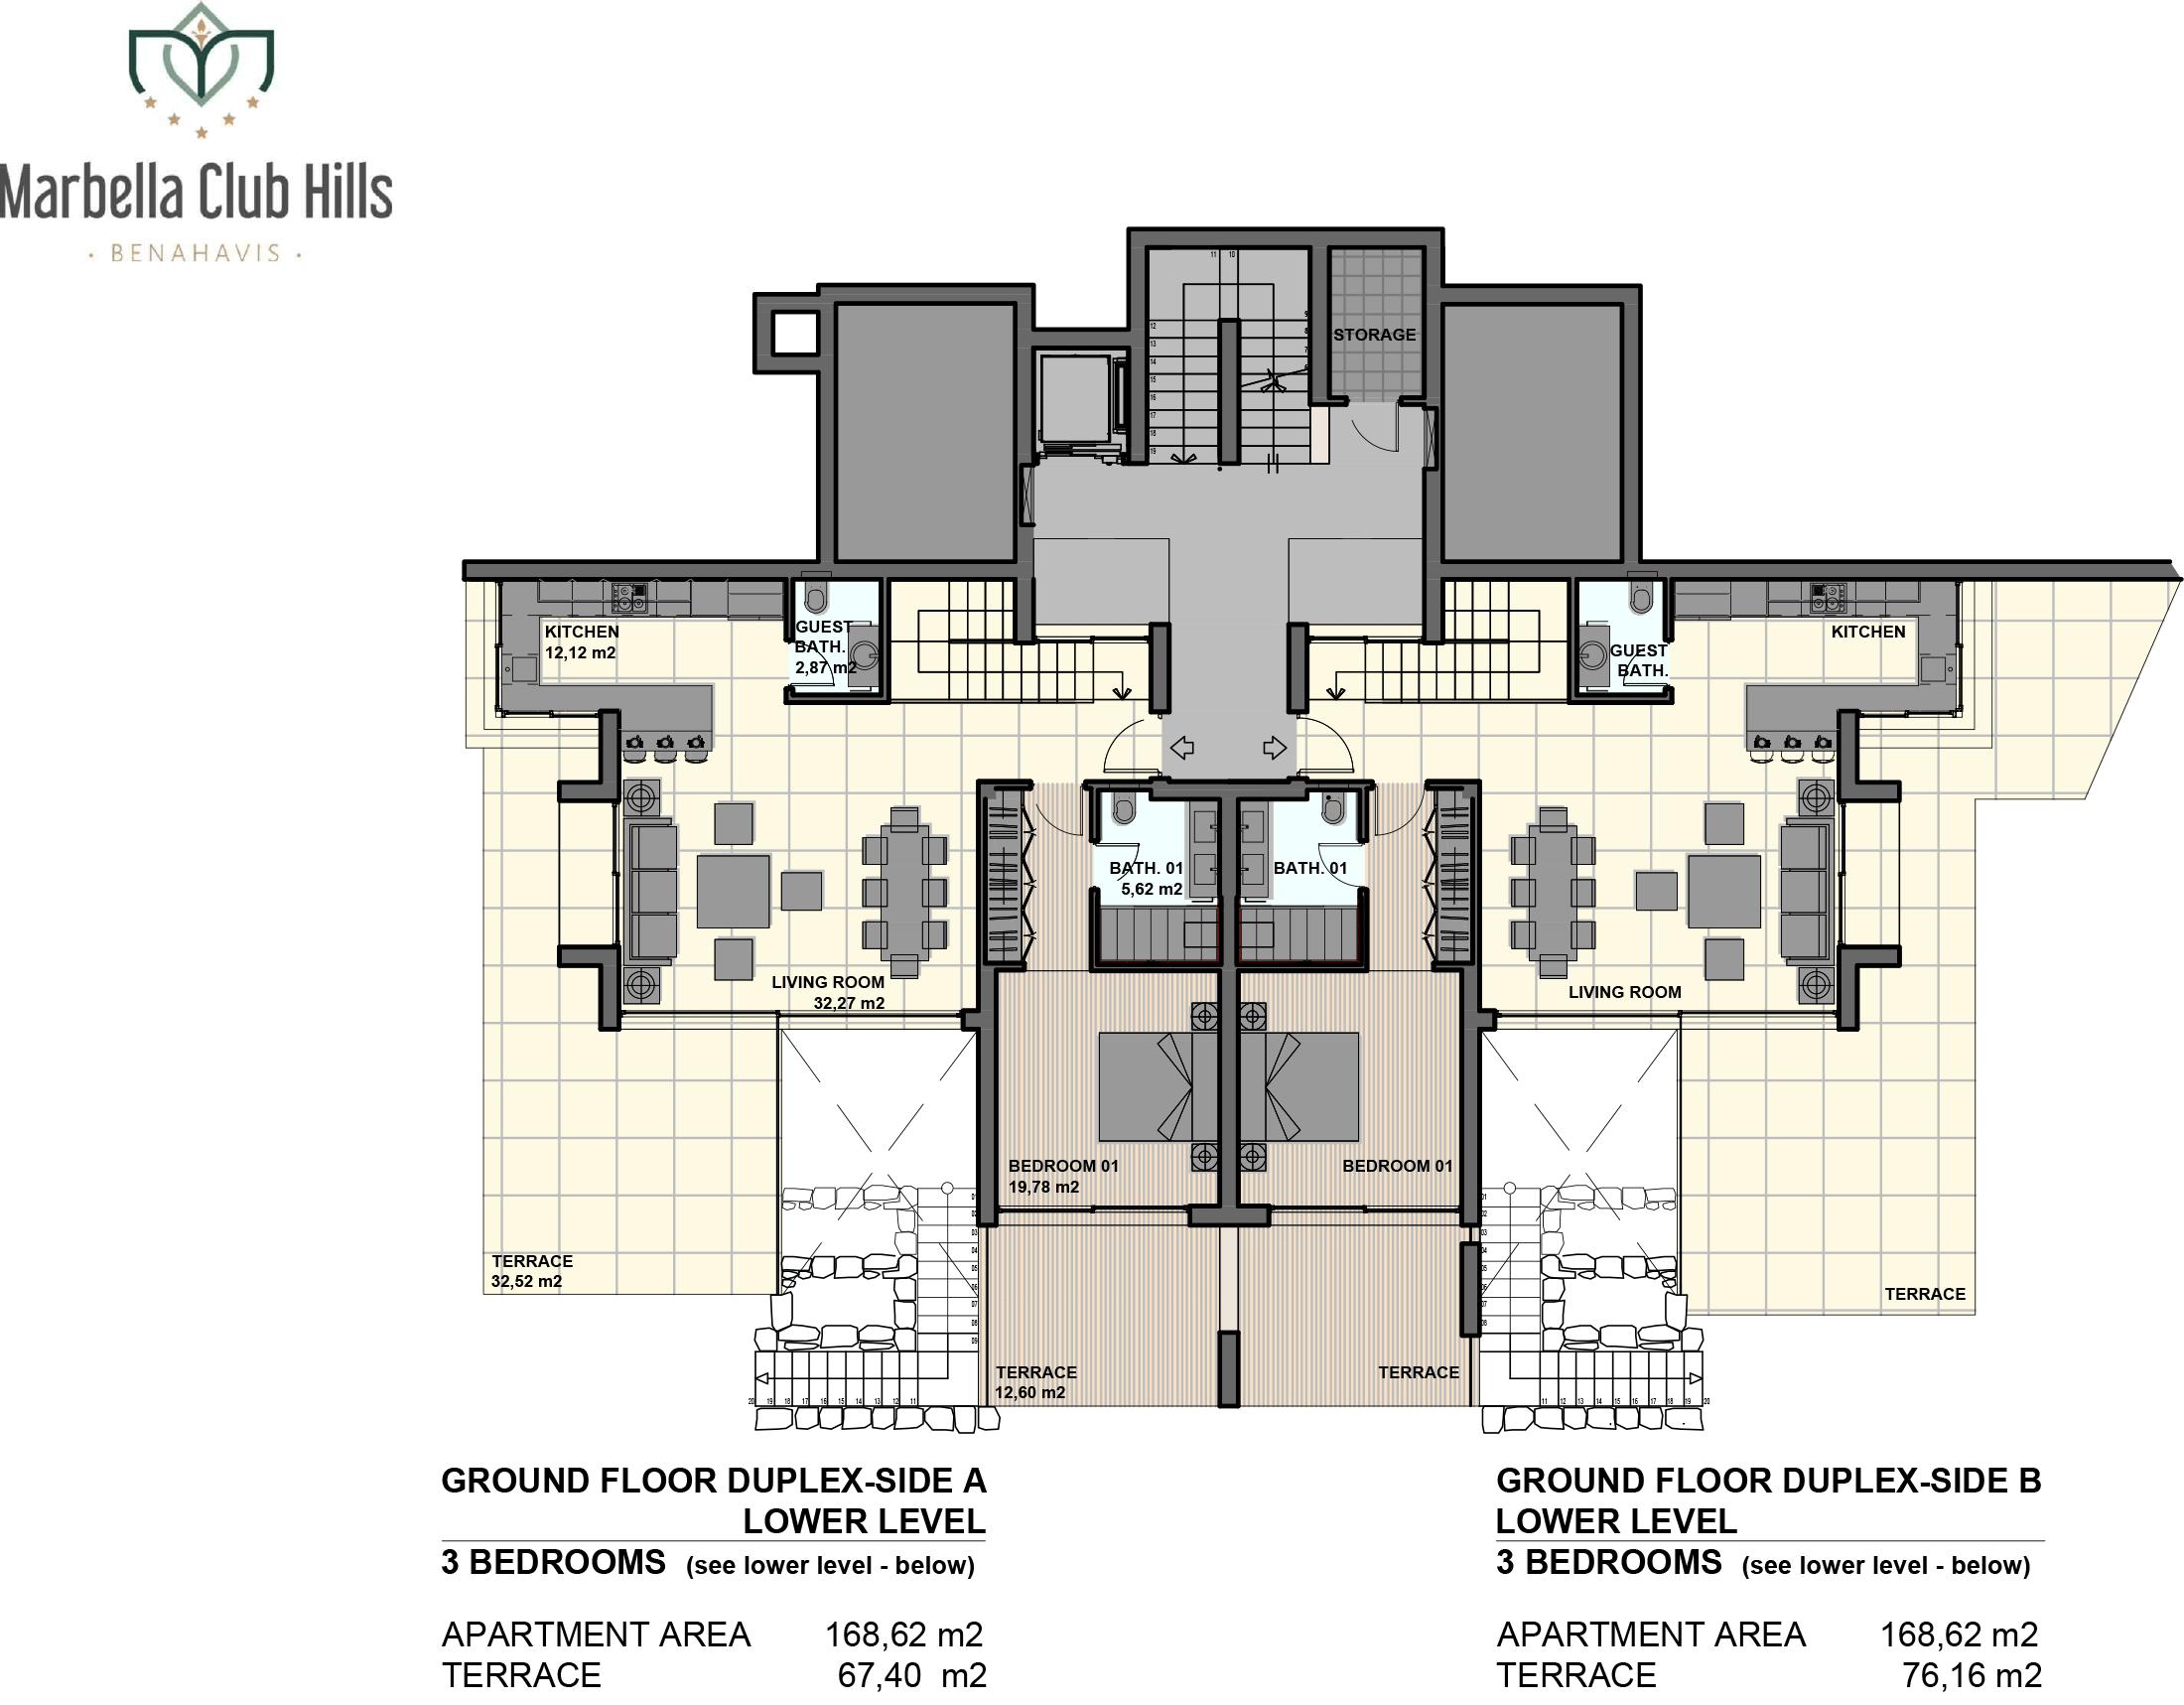 marbella club hills benahavis new golden mile appartementen penthouses te koop zeezicht grondplan 3slaapkamer s gelijkvloers